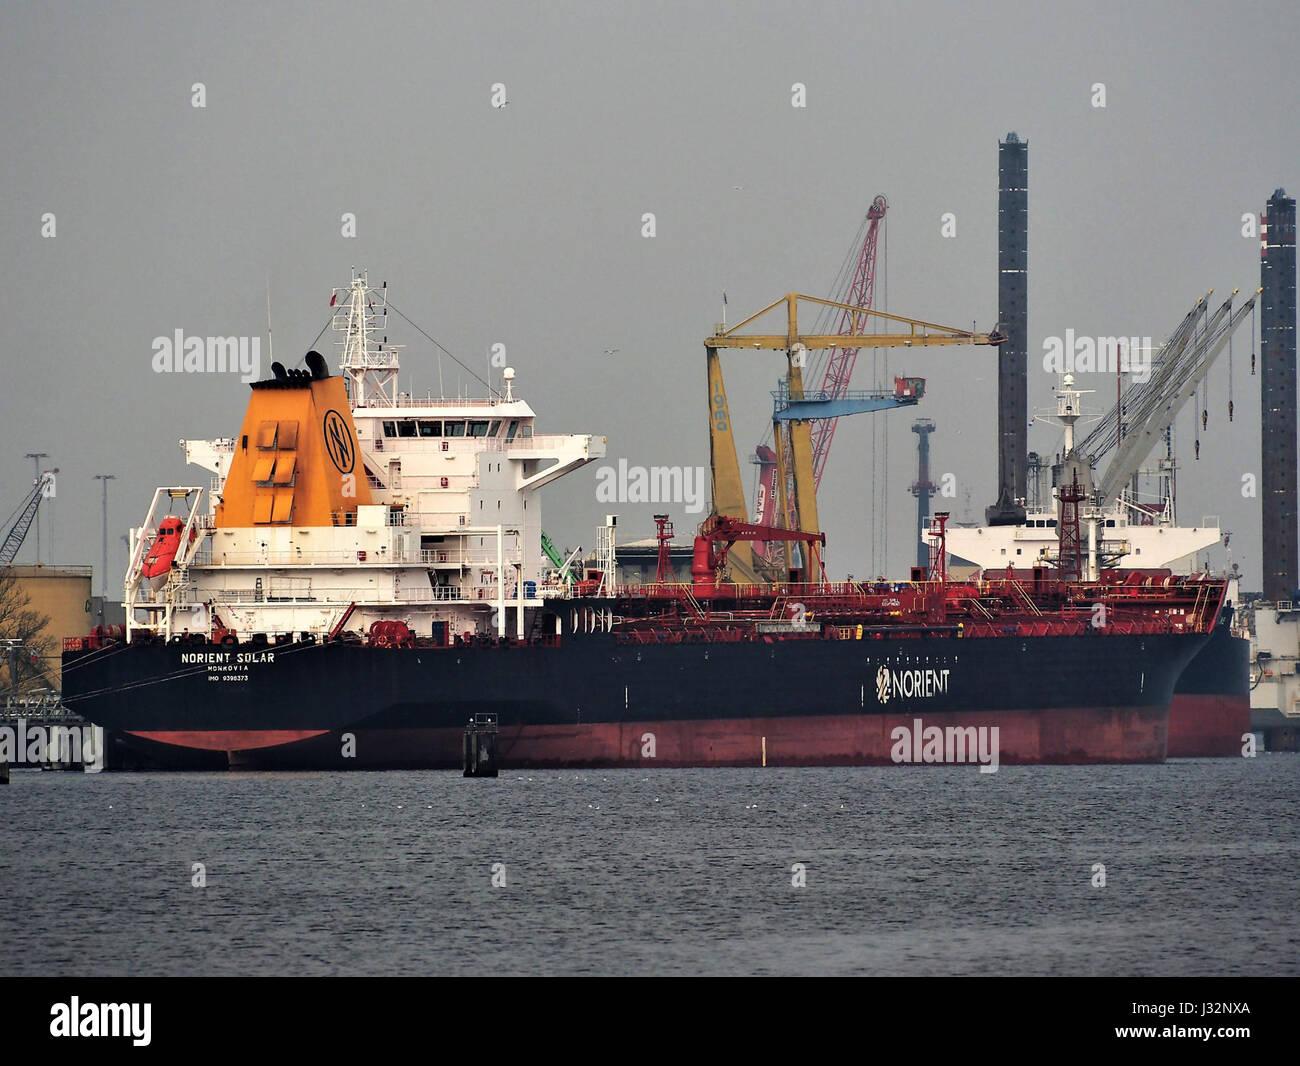 Norient Solar (barco, 2008) La OMI 9396373 Puerto de Amsterdam Foto de stock